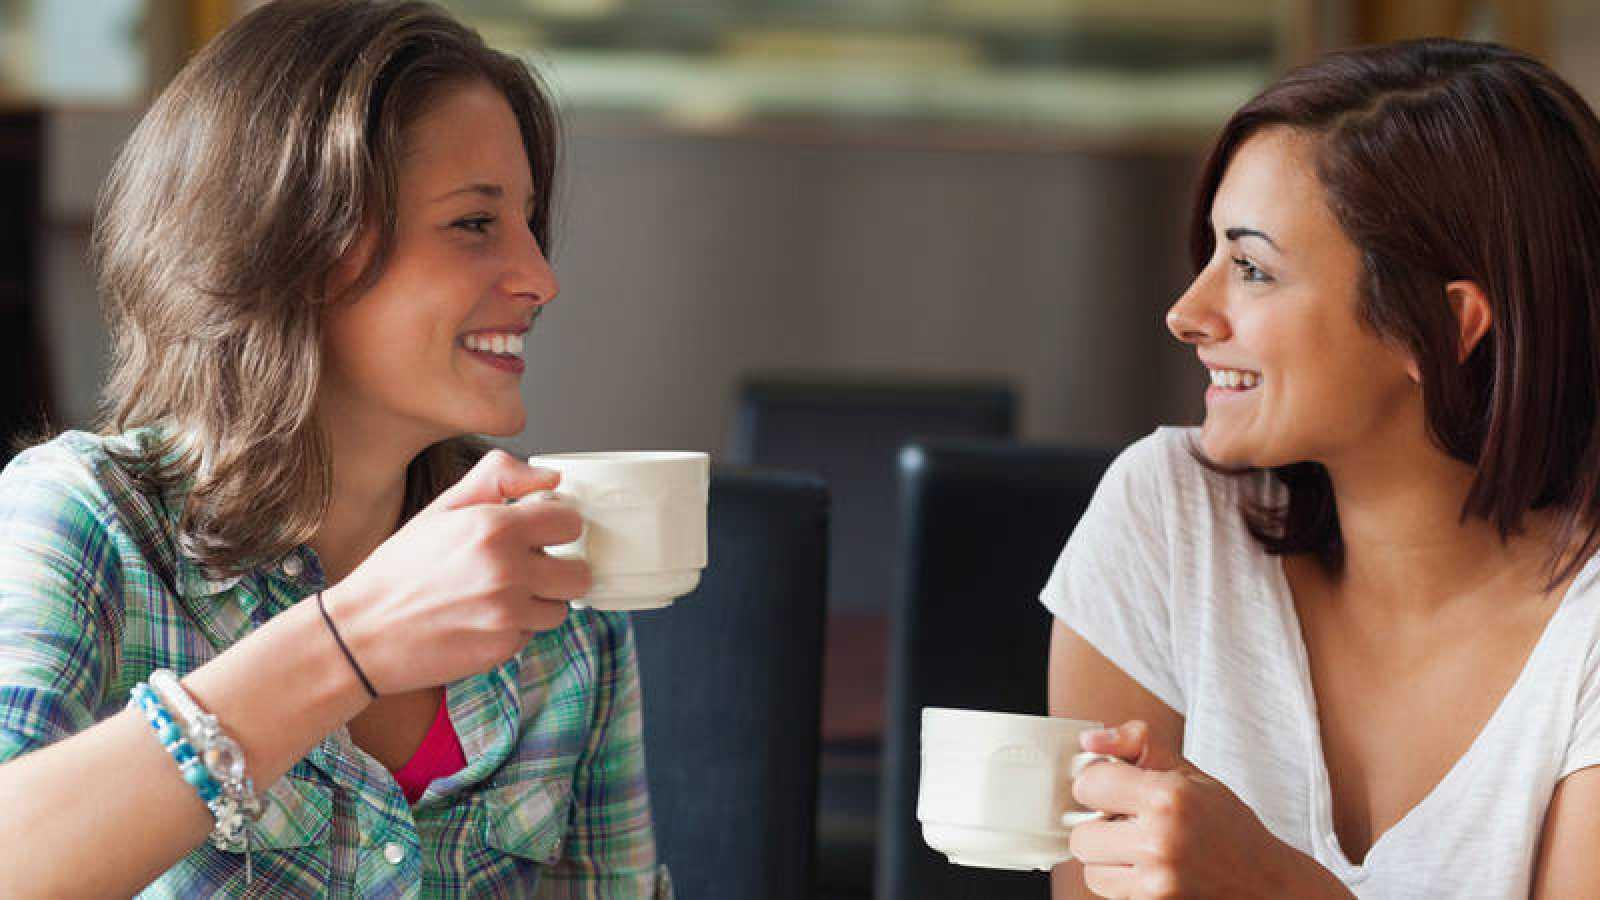 Dos chicas jóvenes conversan mientras toman un café